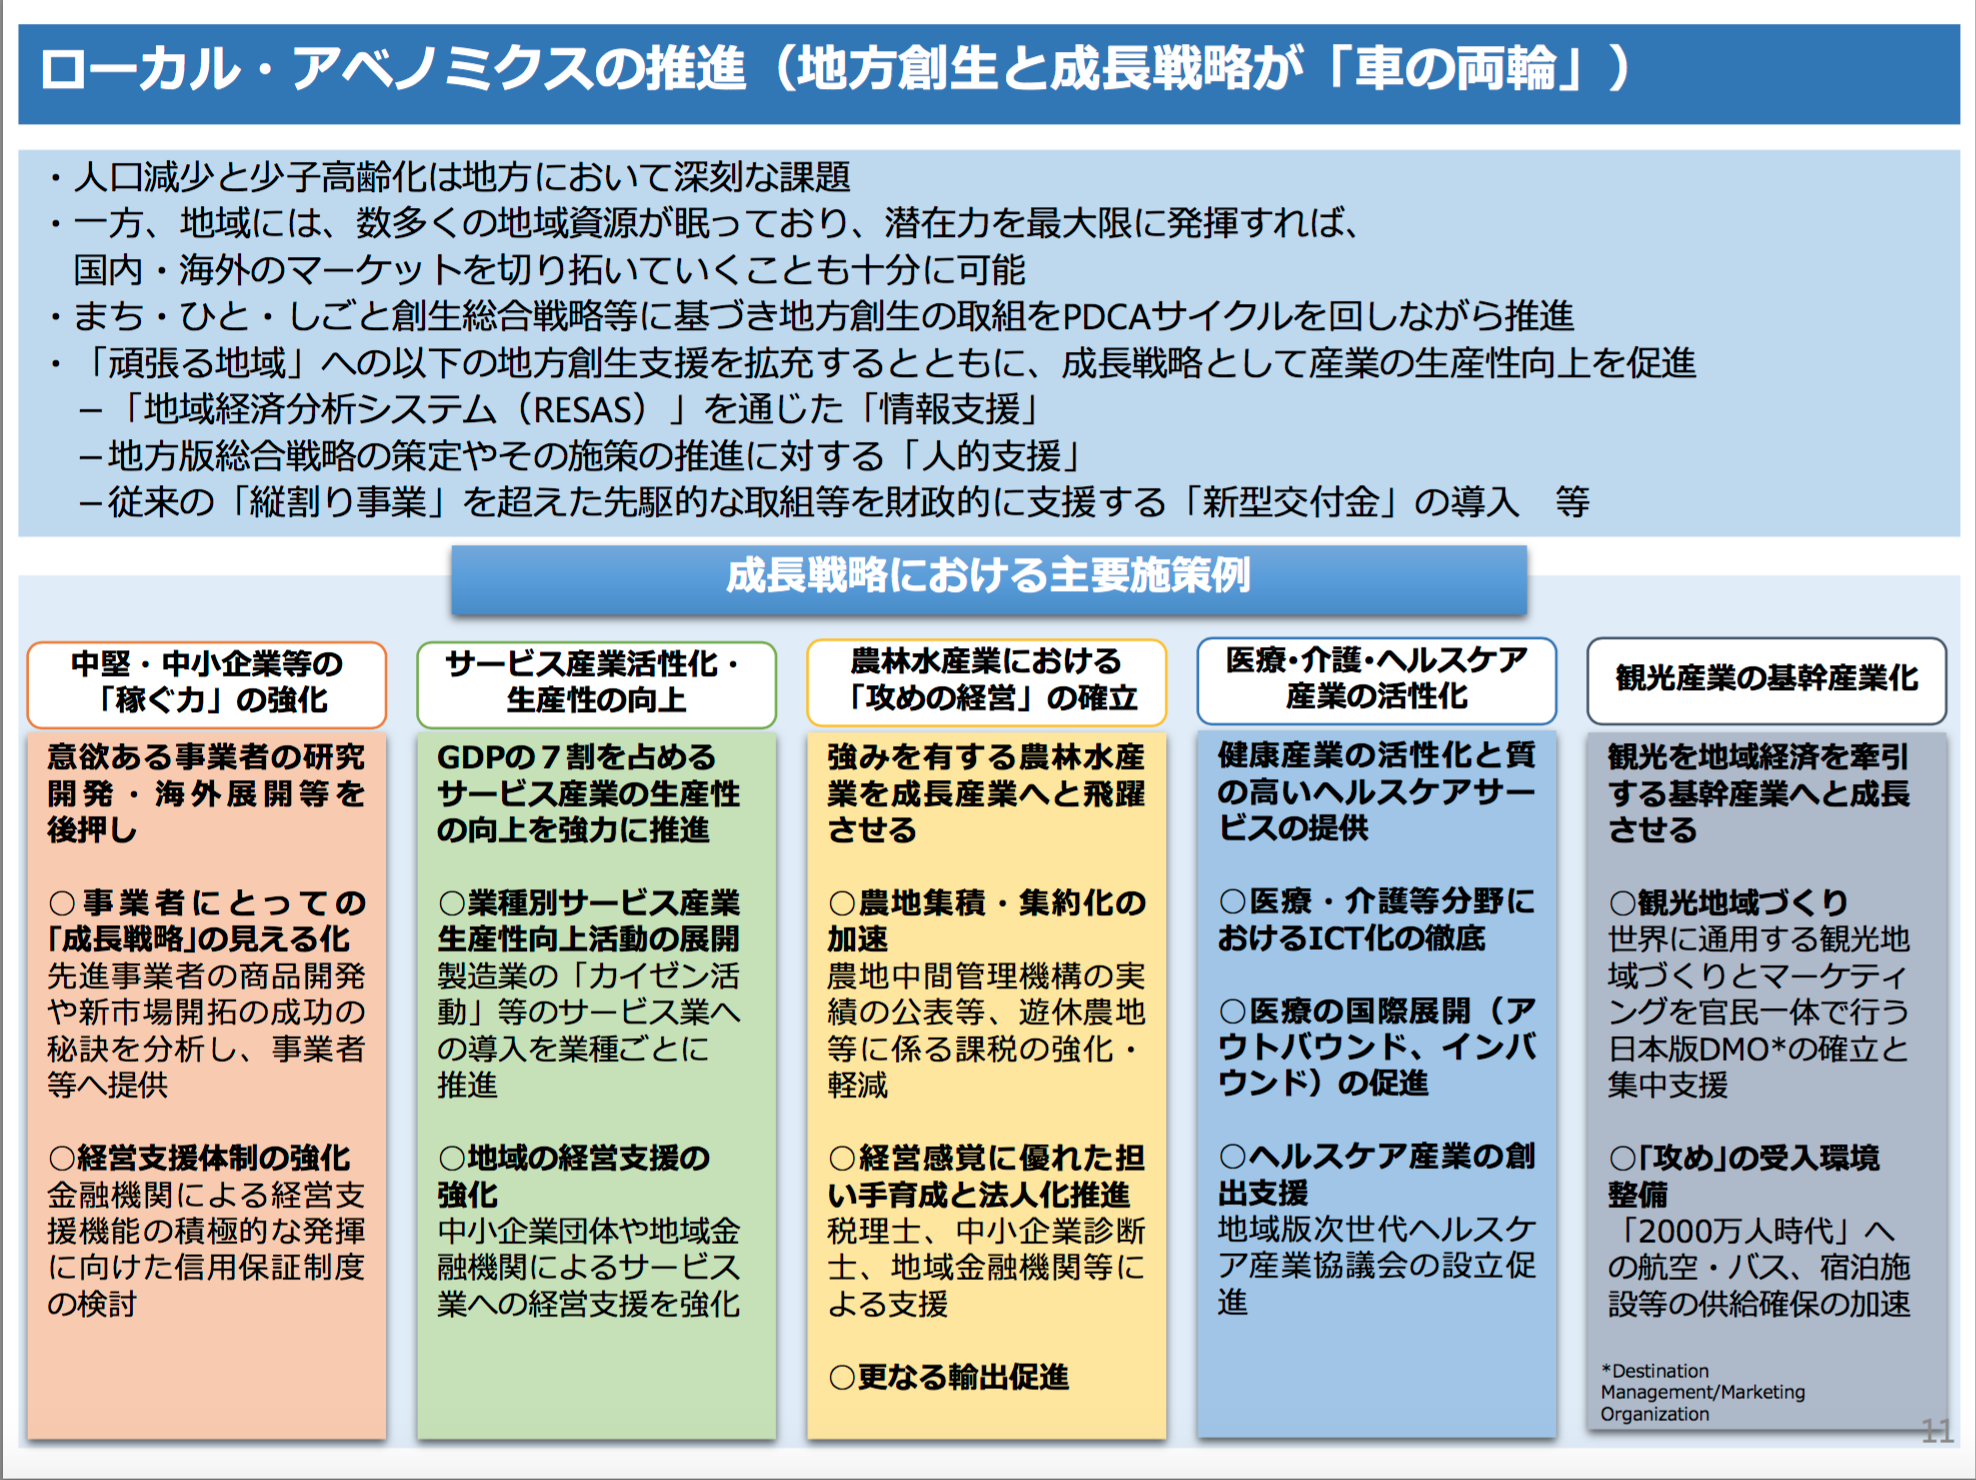 日本再興戦略2015ー11